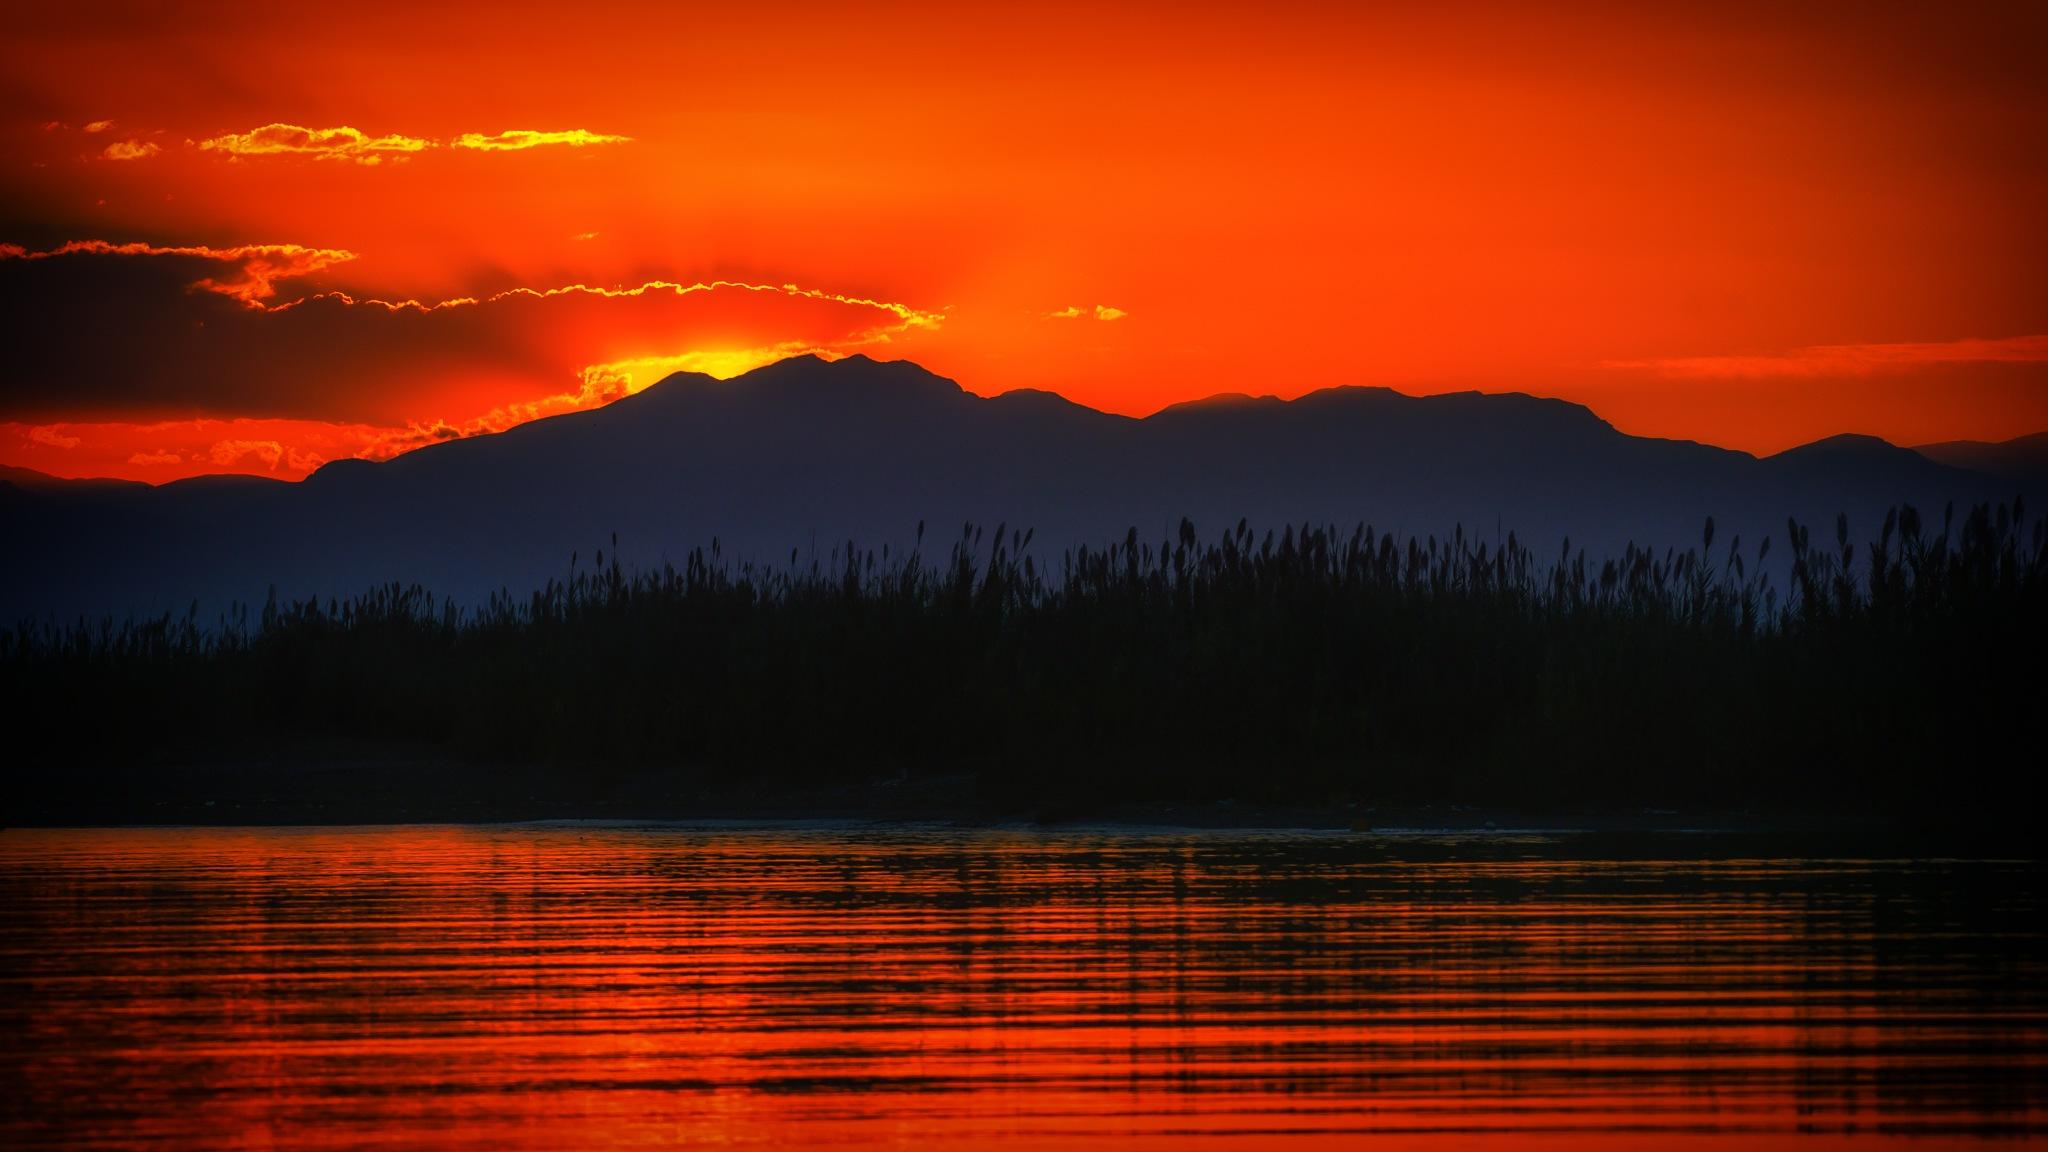 Mediterrenean Sunset by cheko